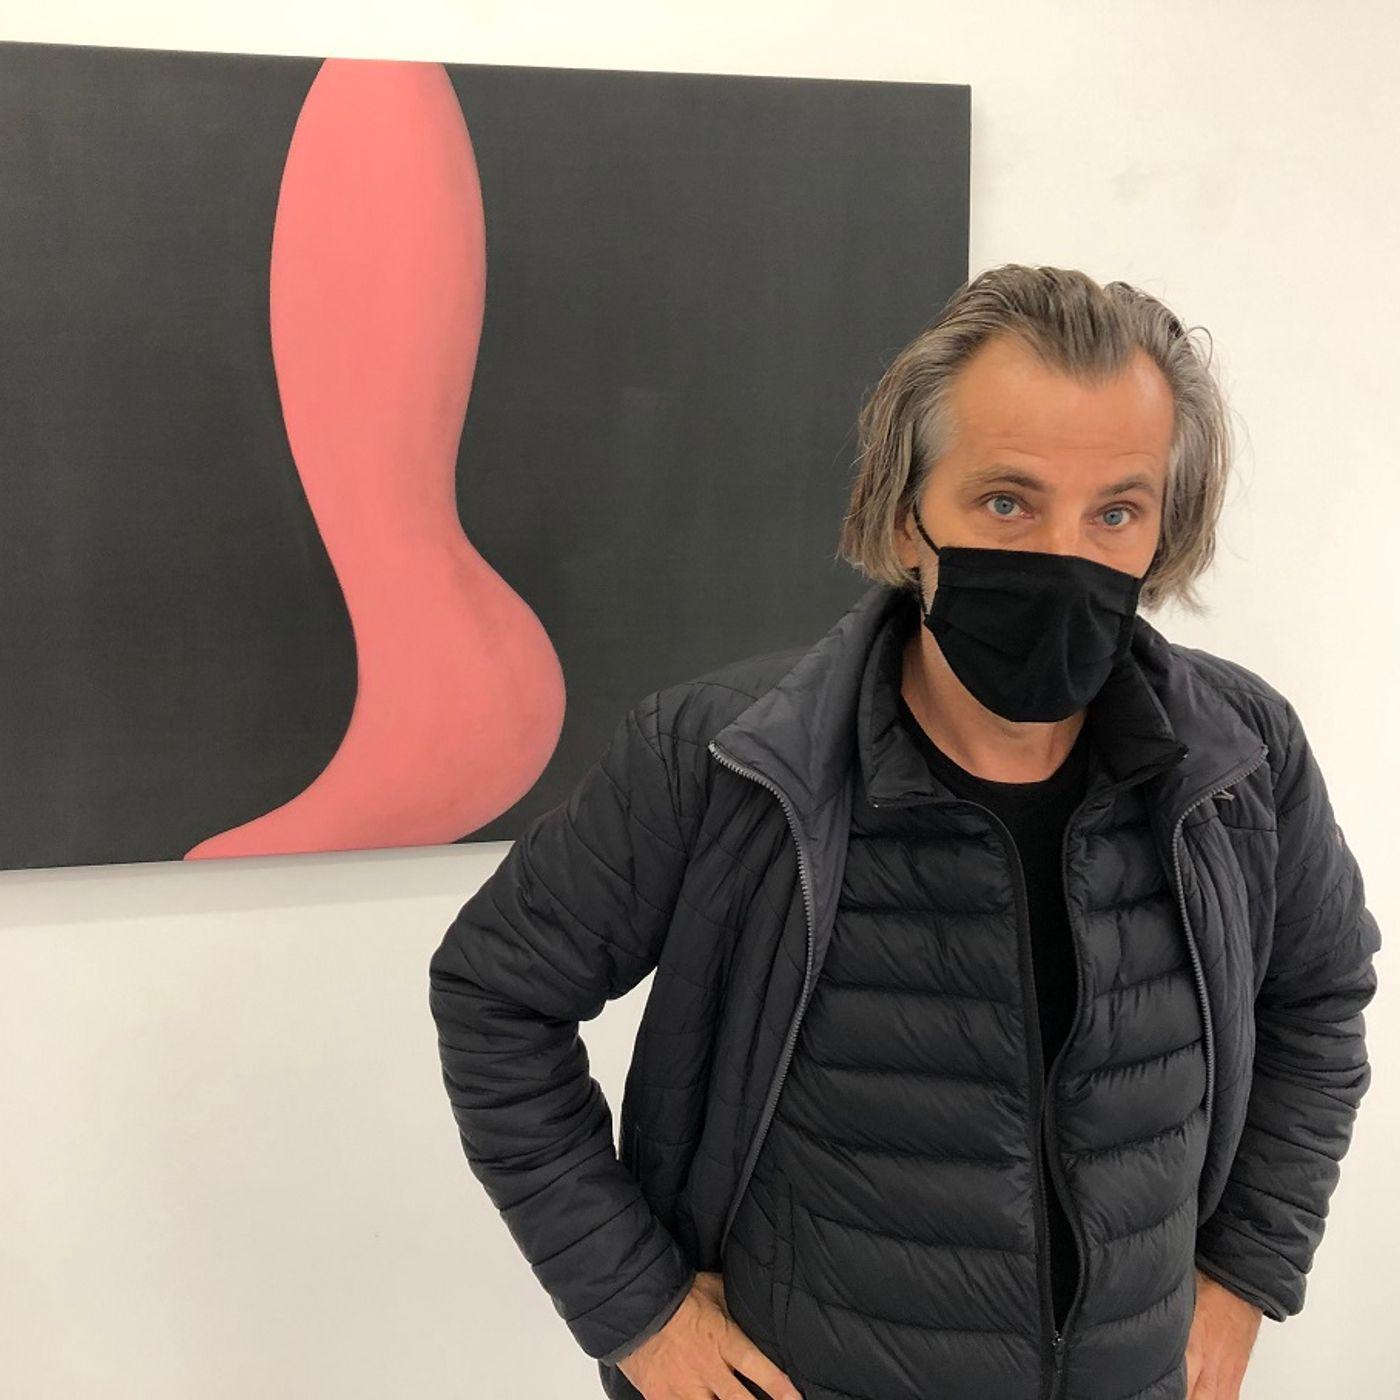 Intervista con Max Renkel - Come mettere a posto il mondo con l'arte